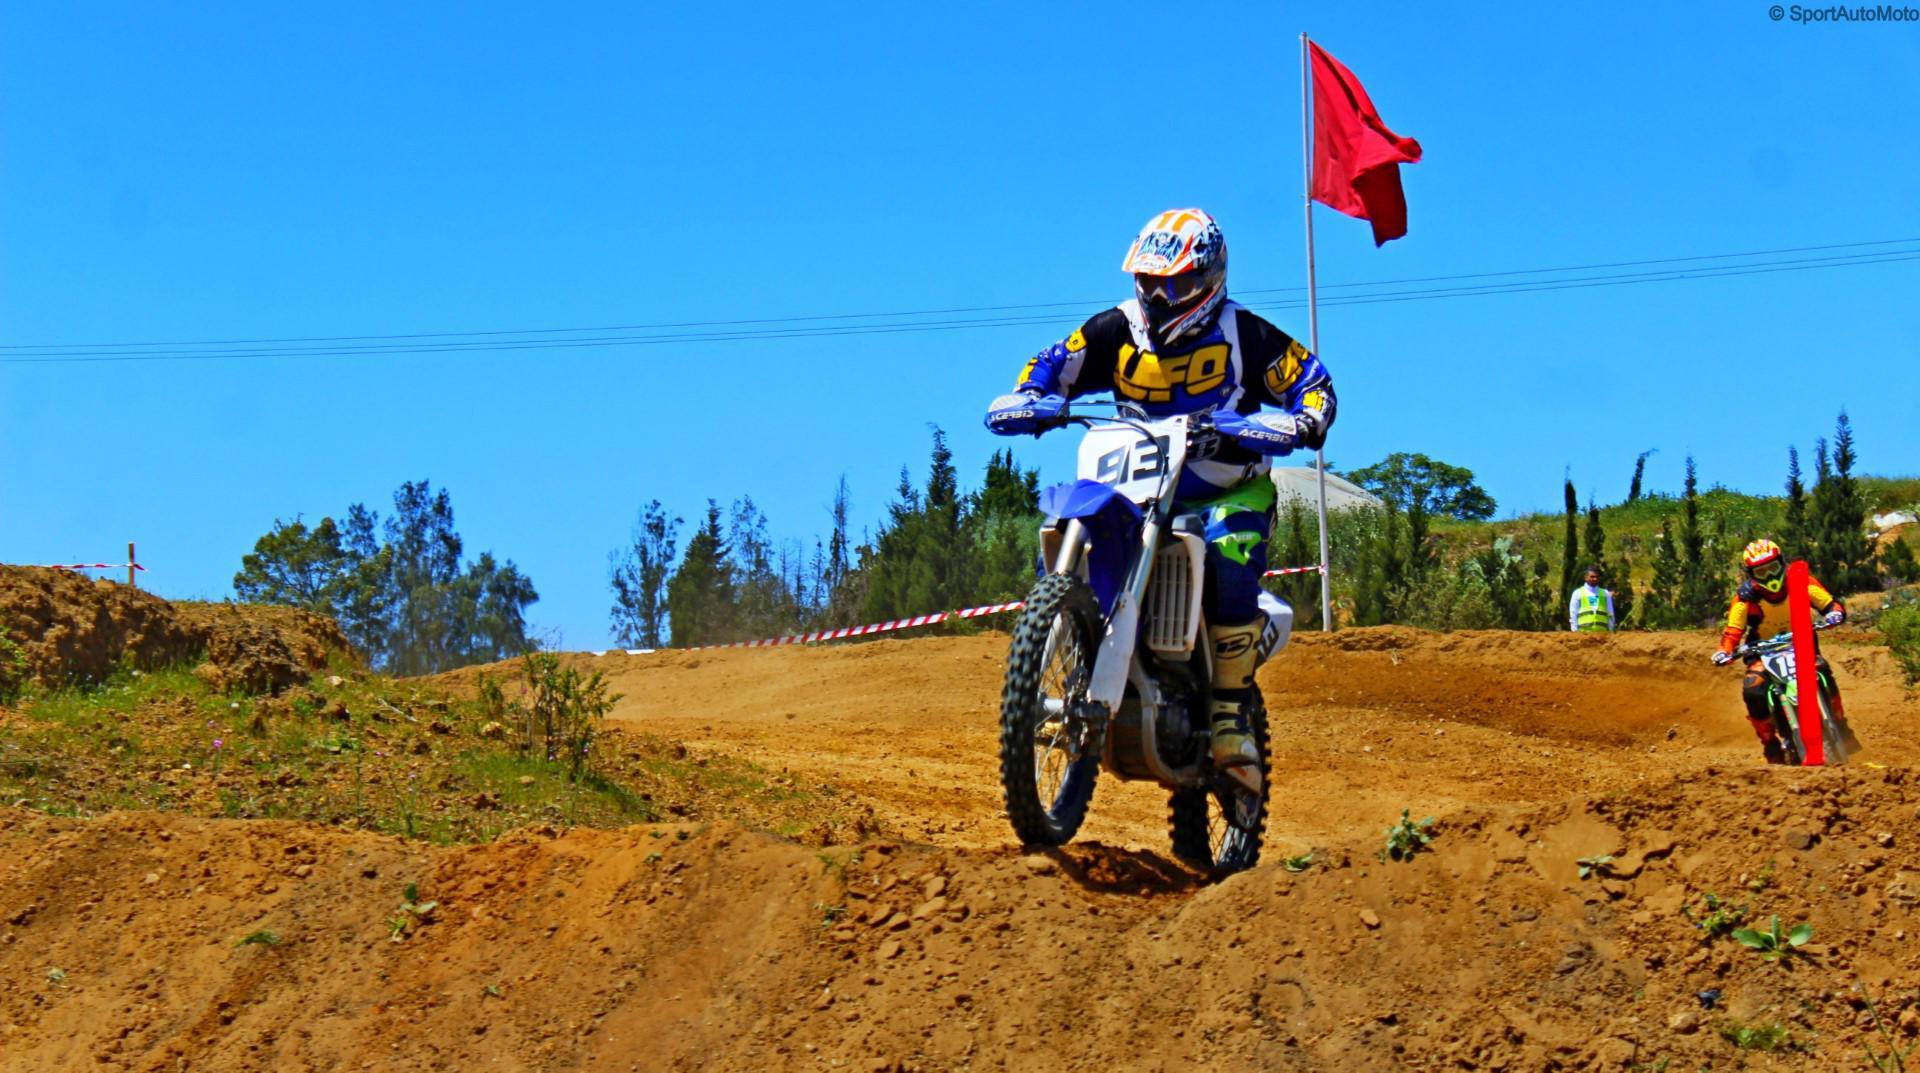 championnat-du-maroc-de-motocross-kenitra-774-23.jpg